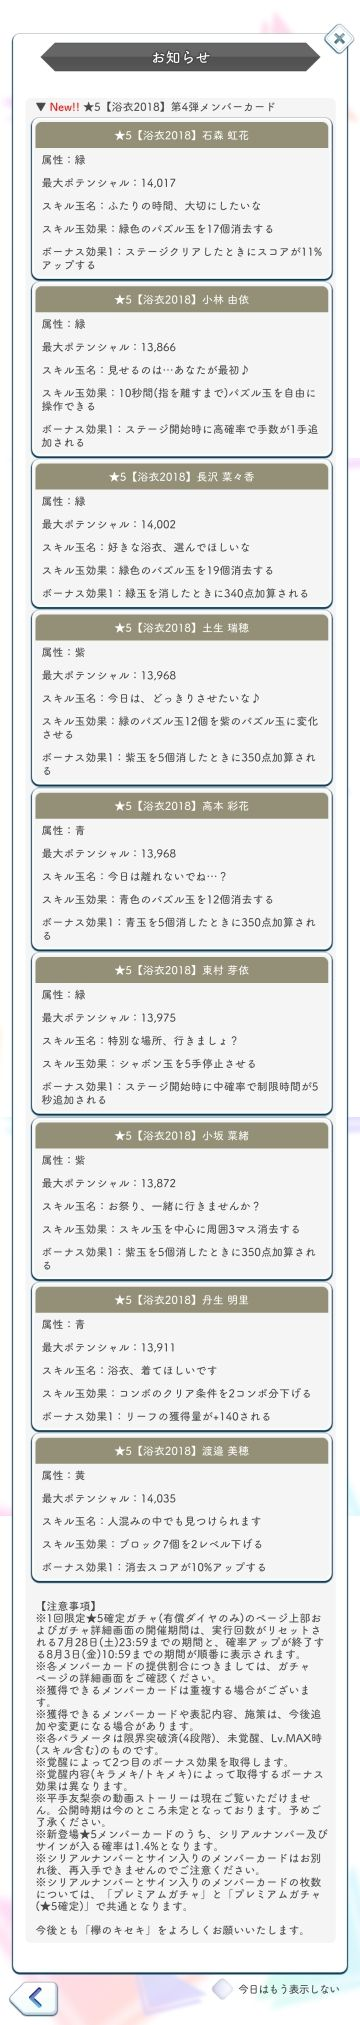 00 浴衣2018 ガチャ詳細